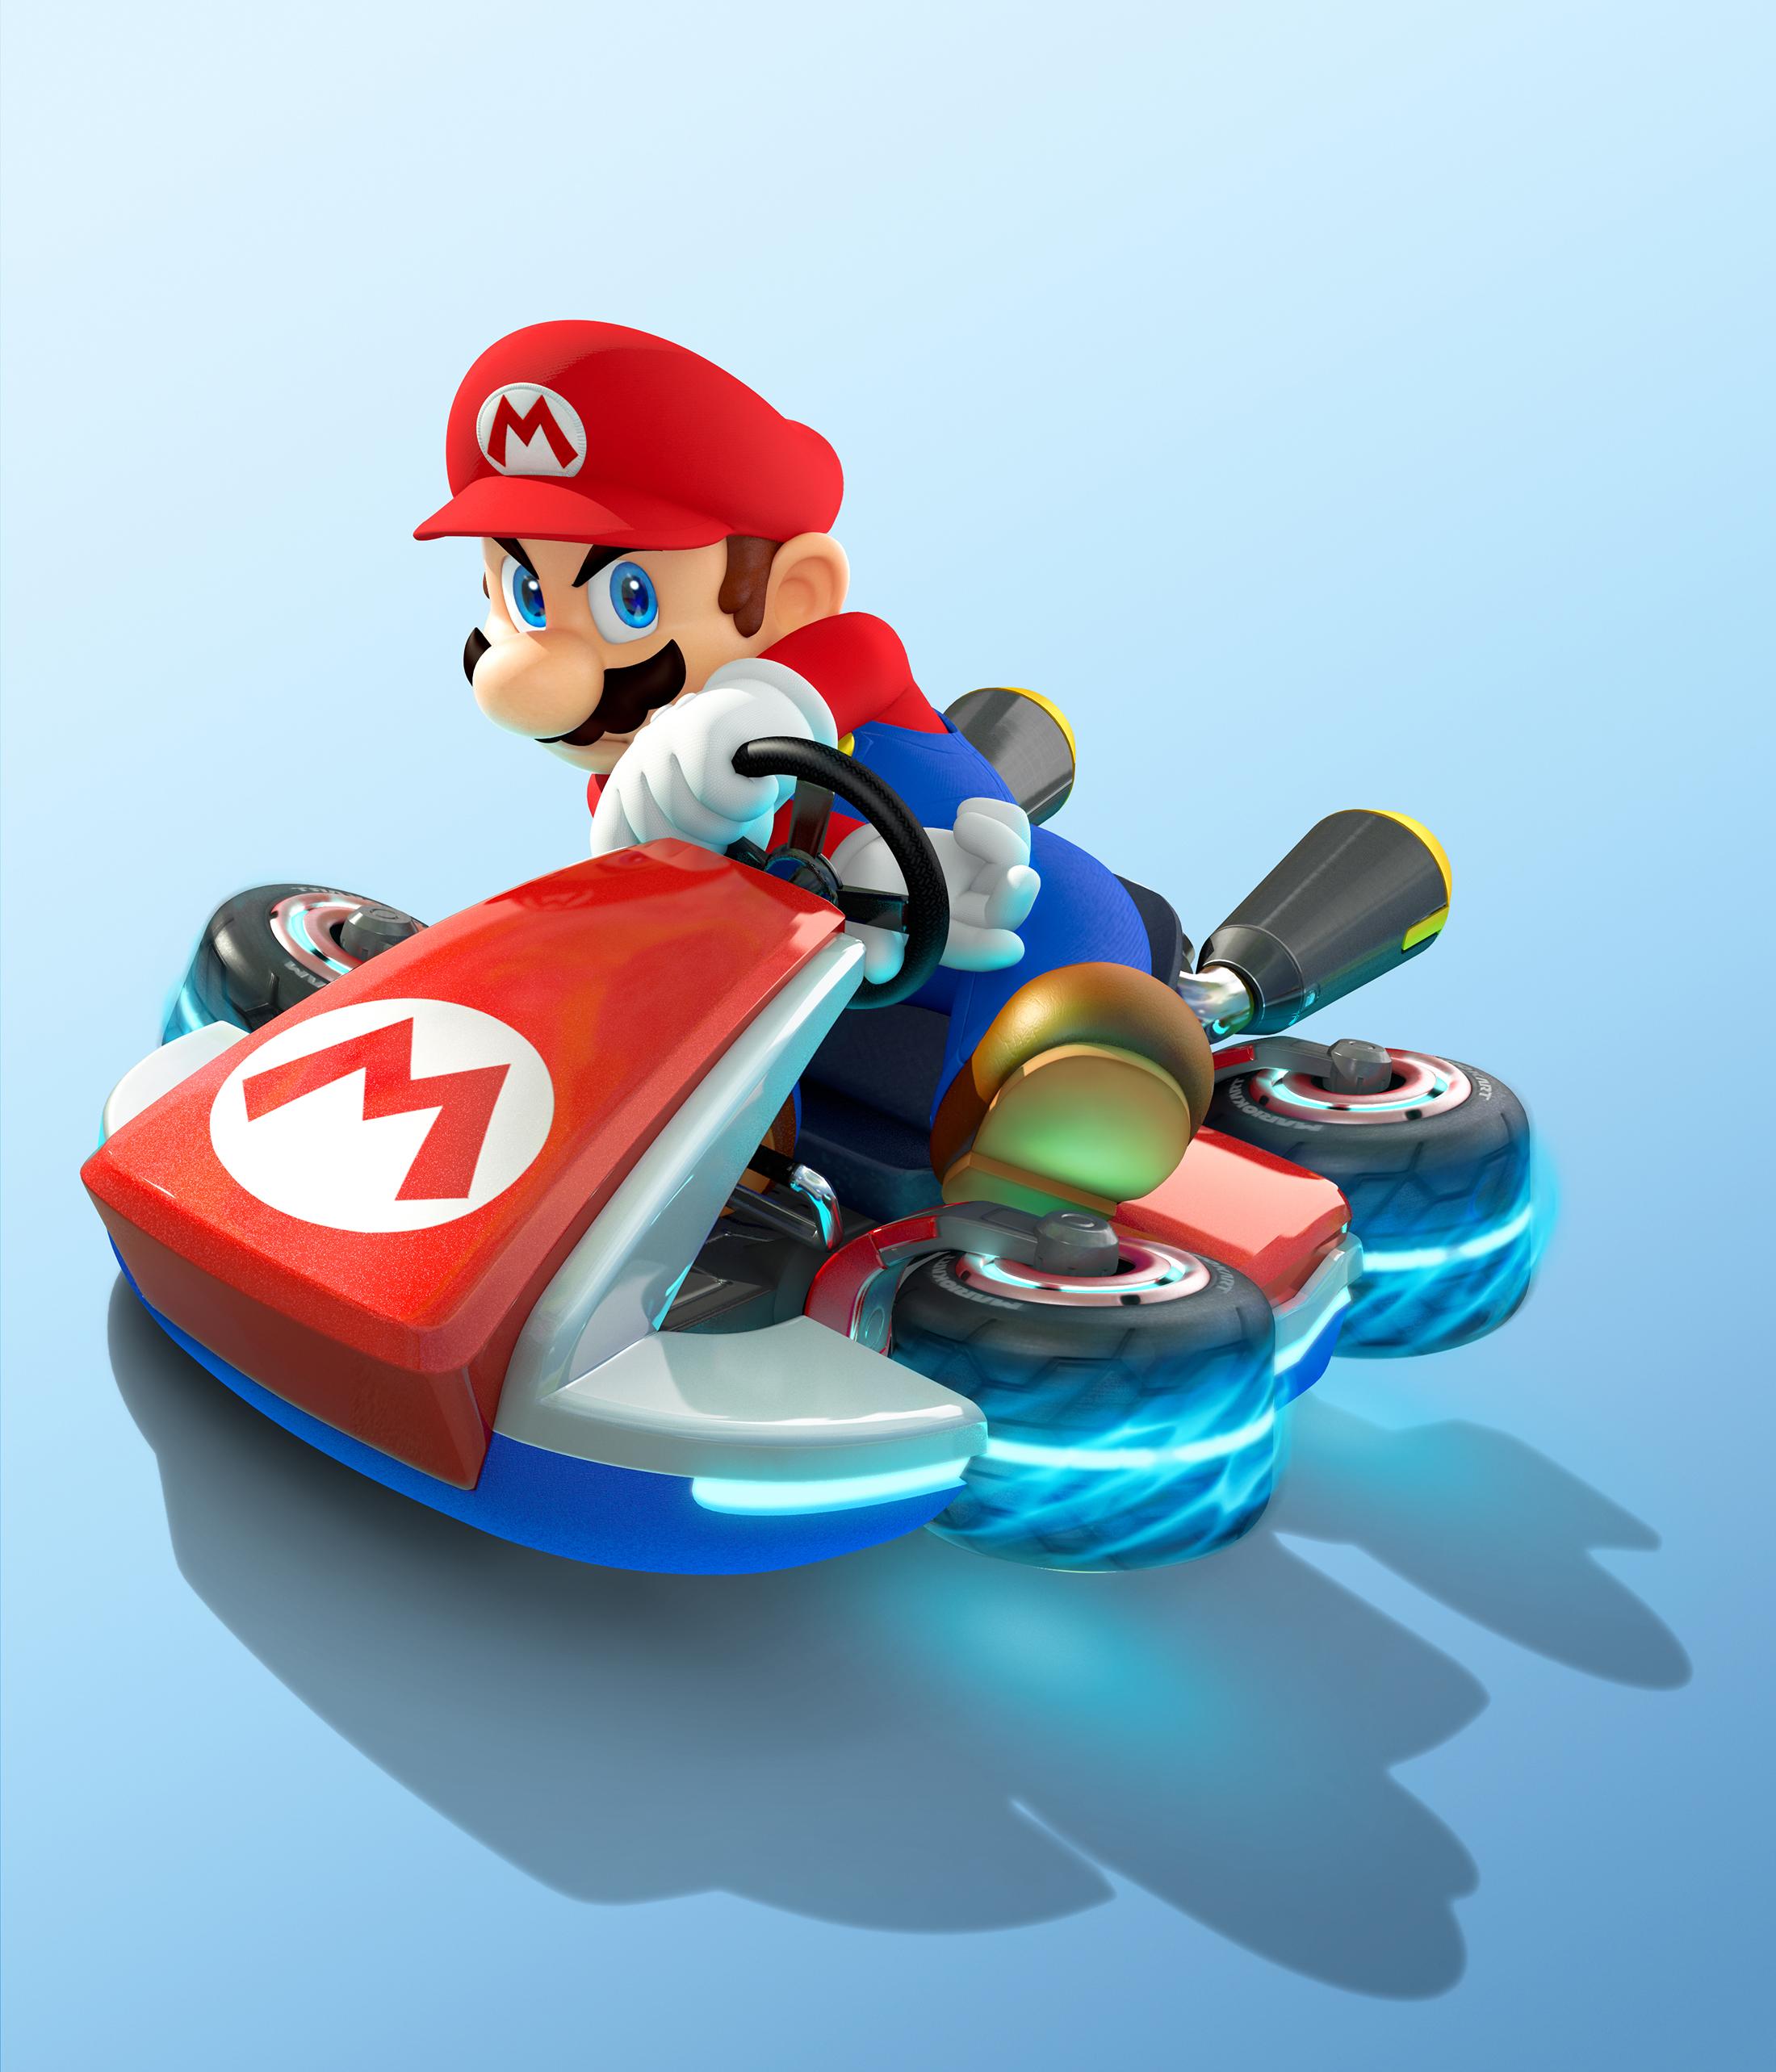 30. května přifrčí Mario Kart 8 93480